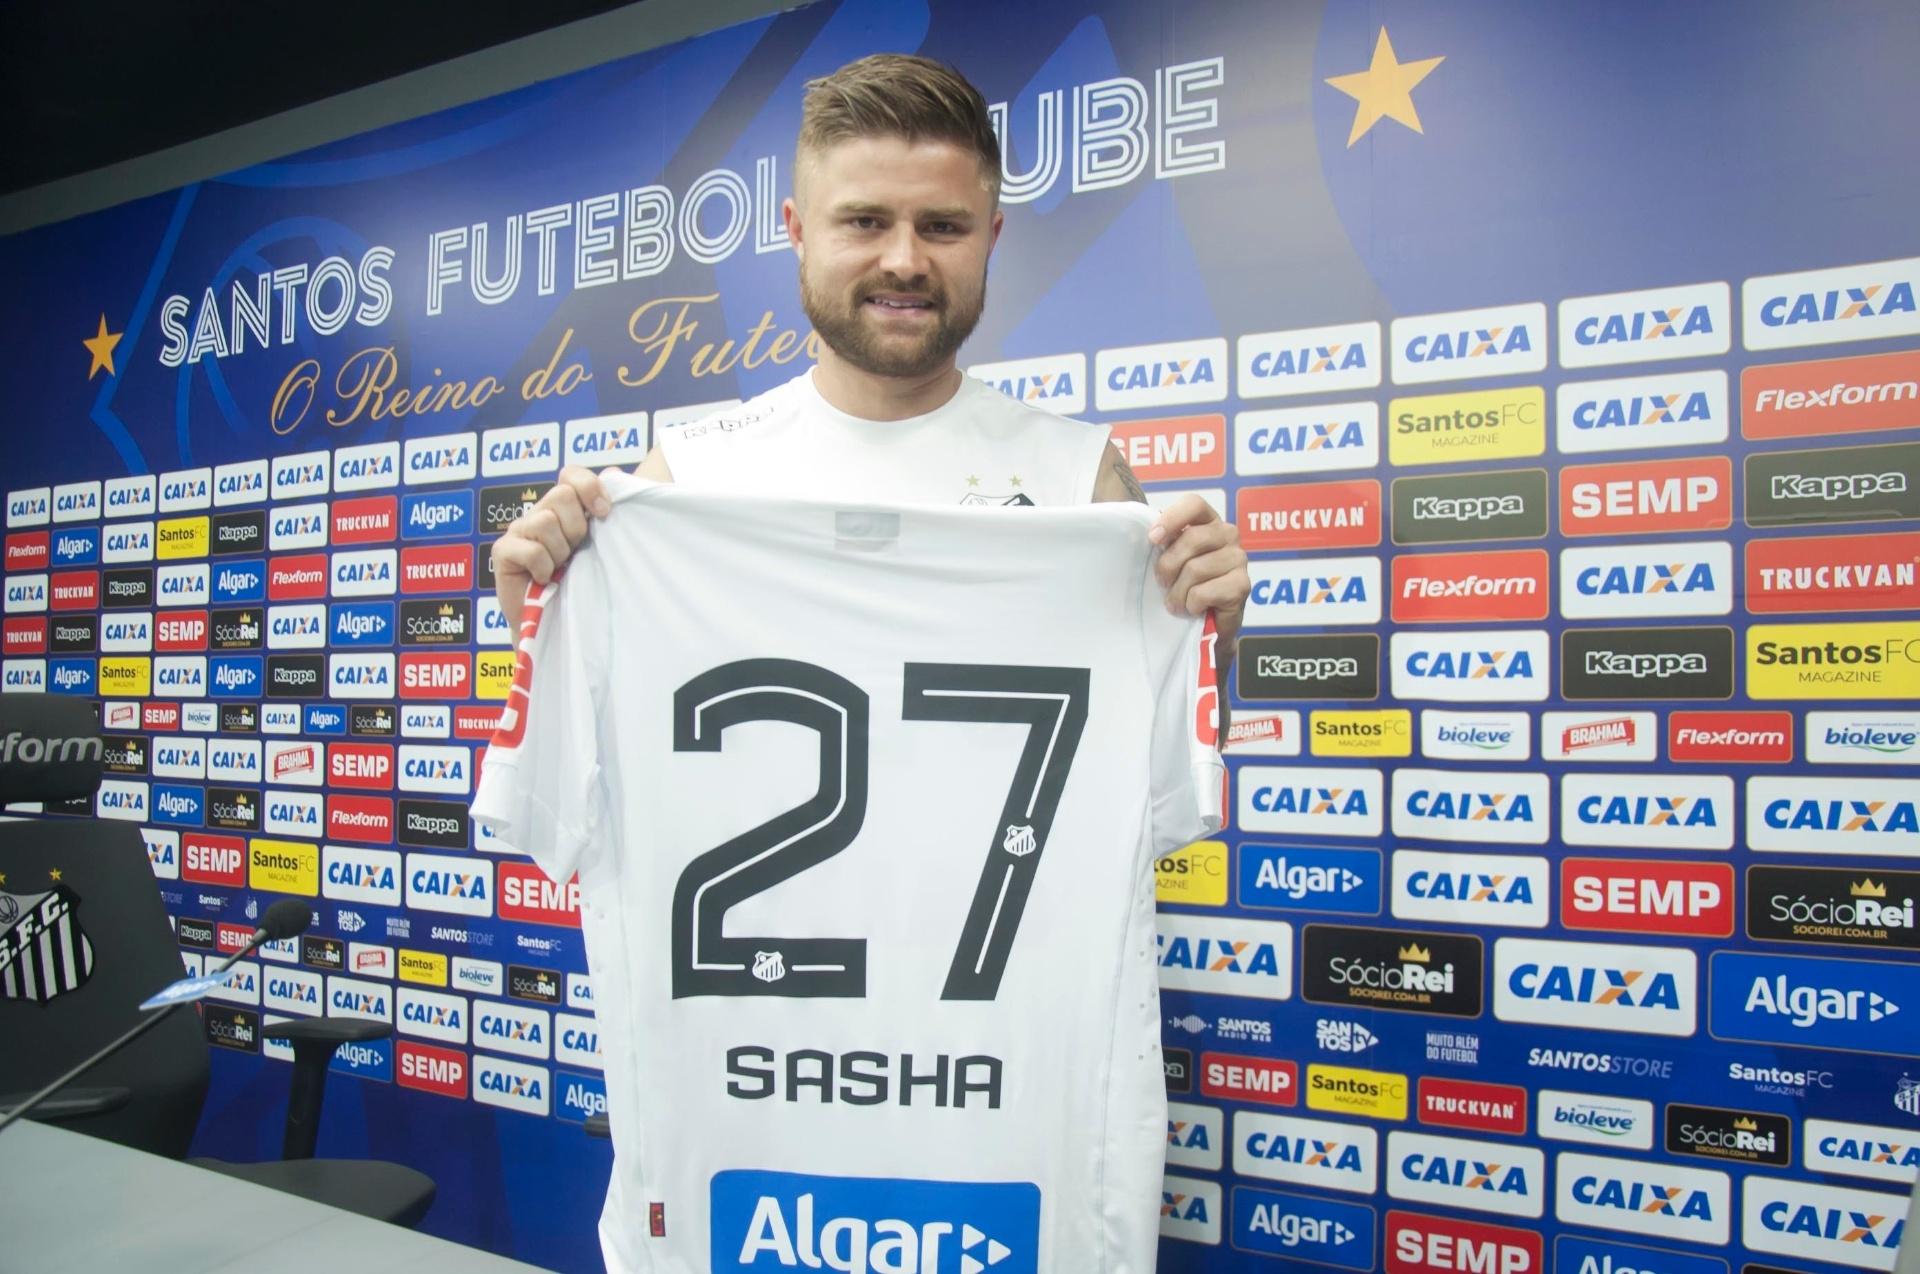 a323e3efa0 Reforço do Santos recebeu conselho de Damião e quer conversa com Jair -  13 01 2018 - UOL Esporte